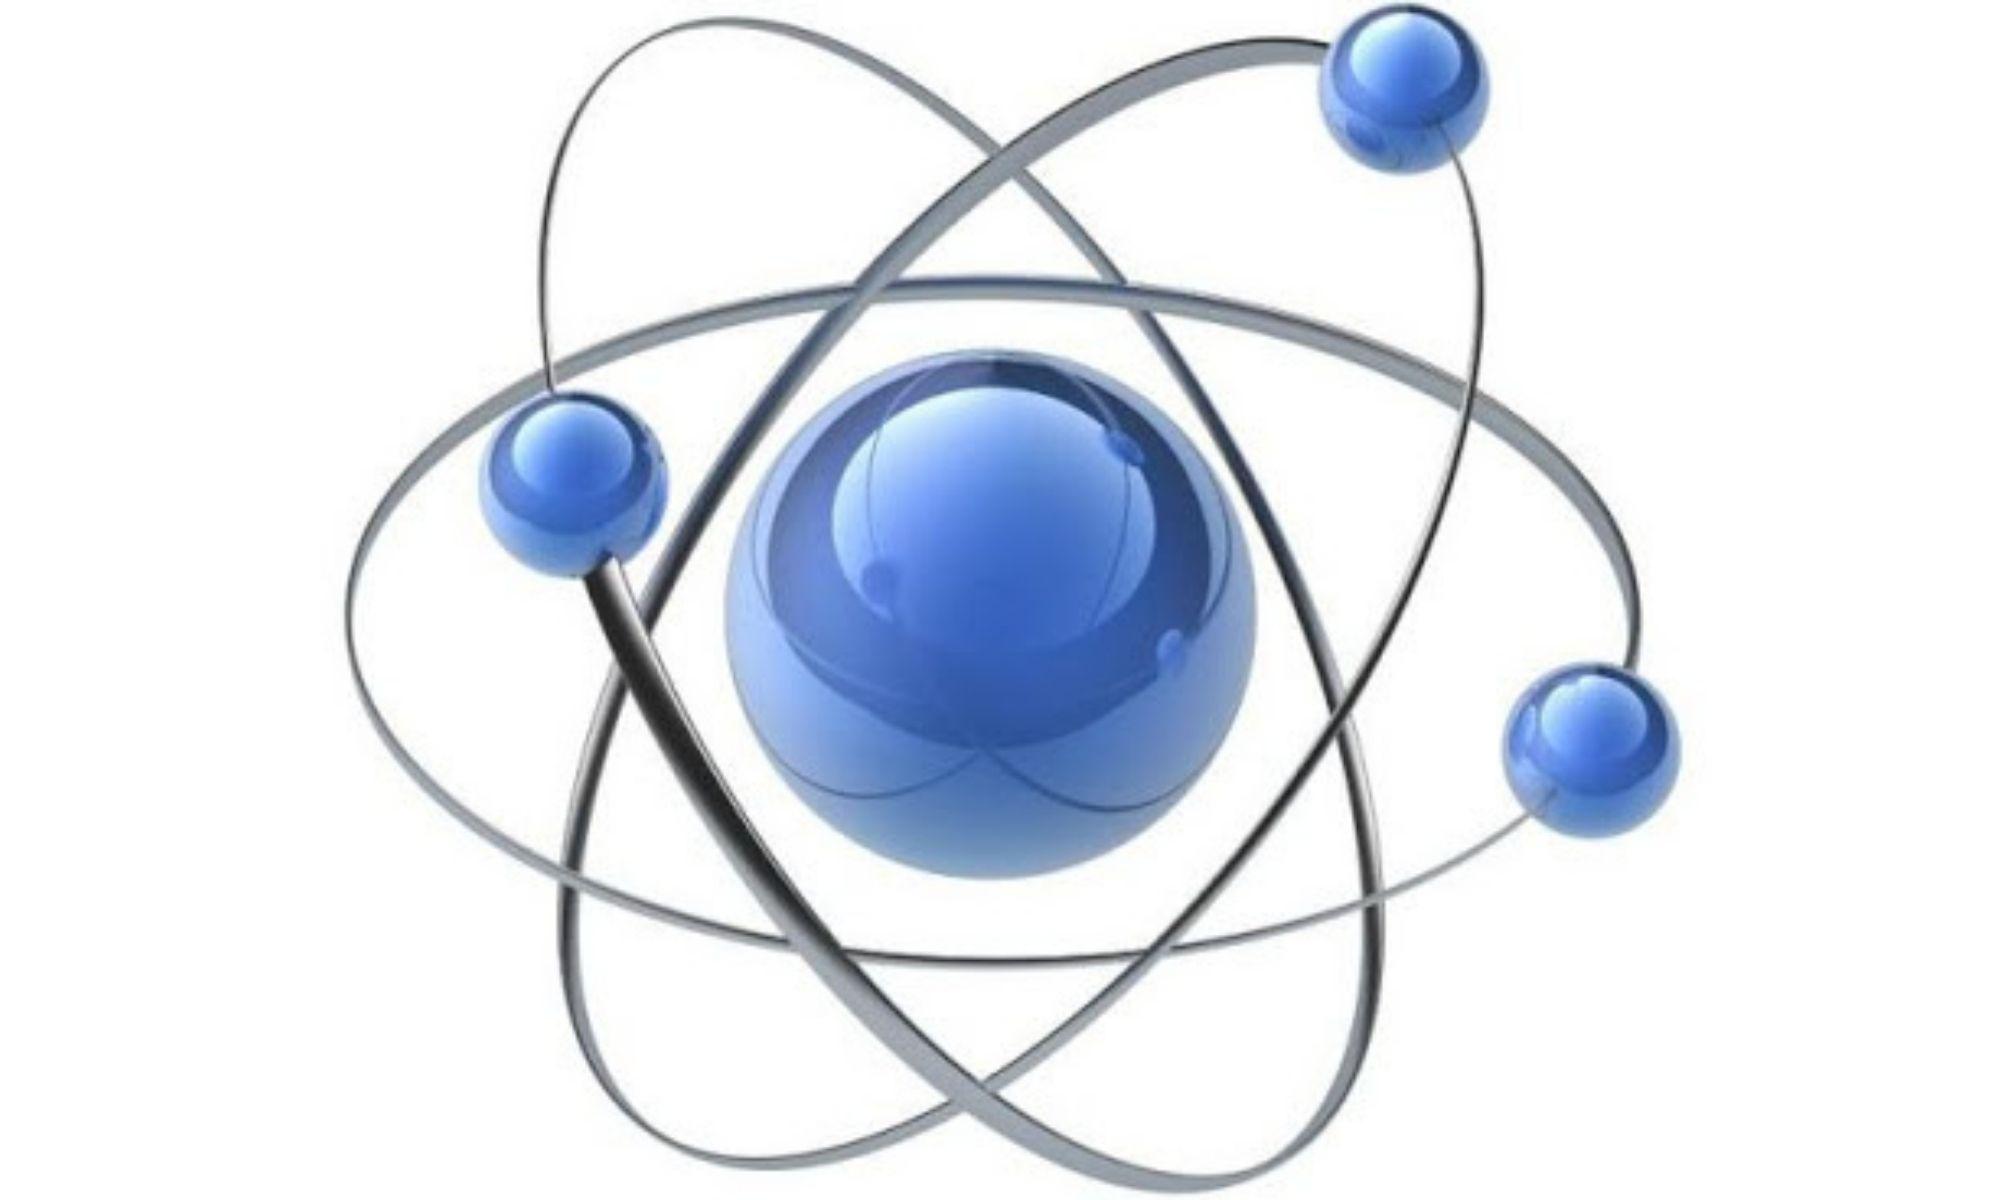 энергия ионизации это